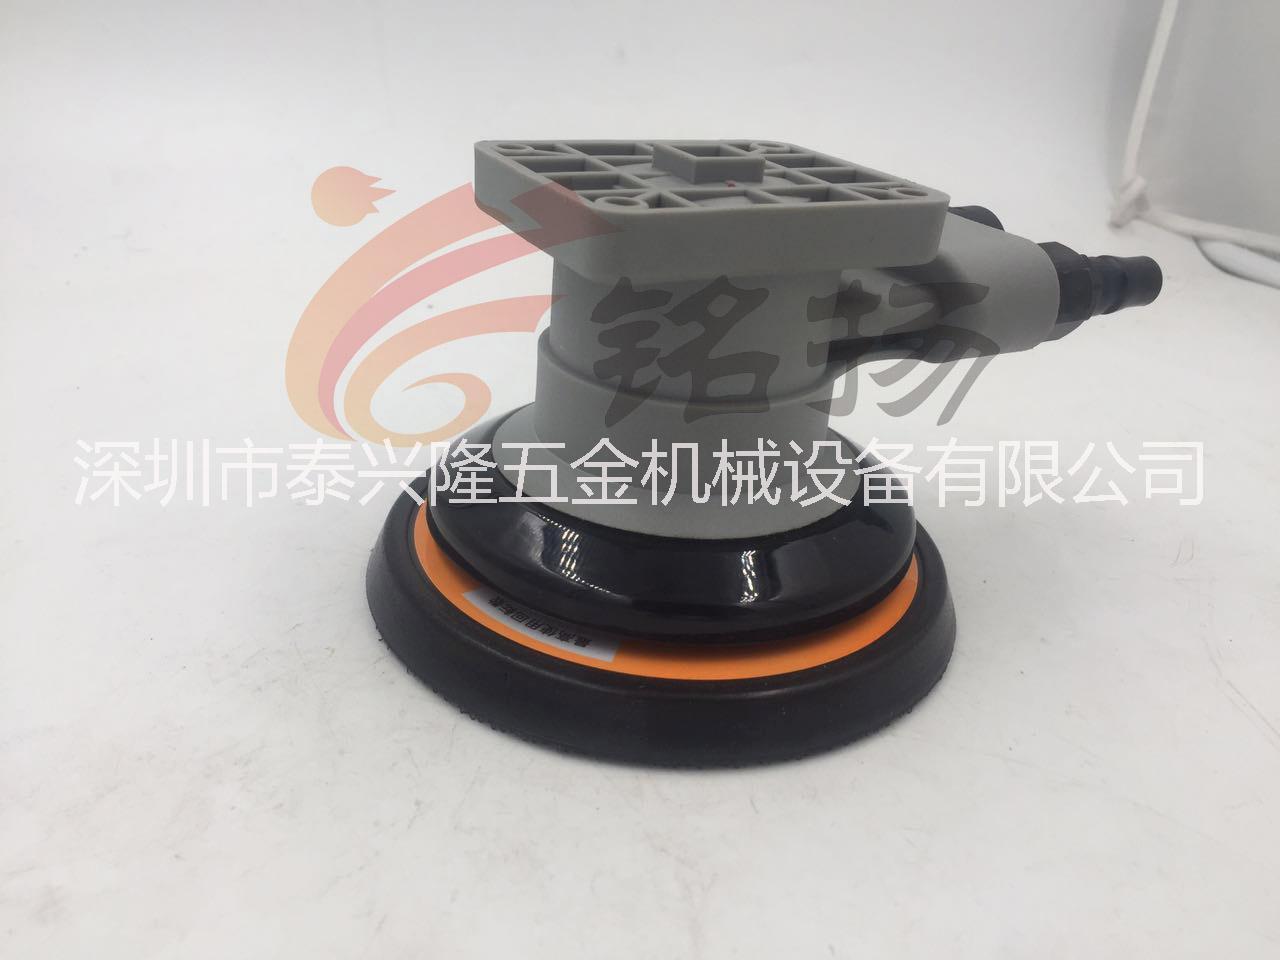 深圳龙岗厂家直销自动化机械手打磨抛光机